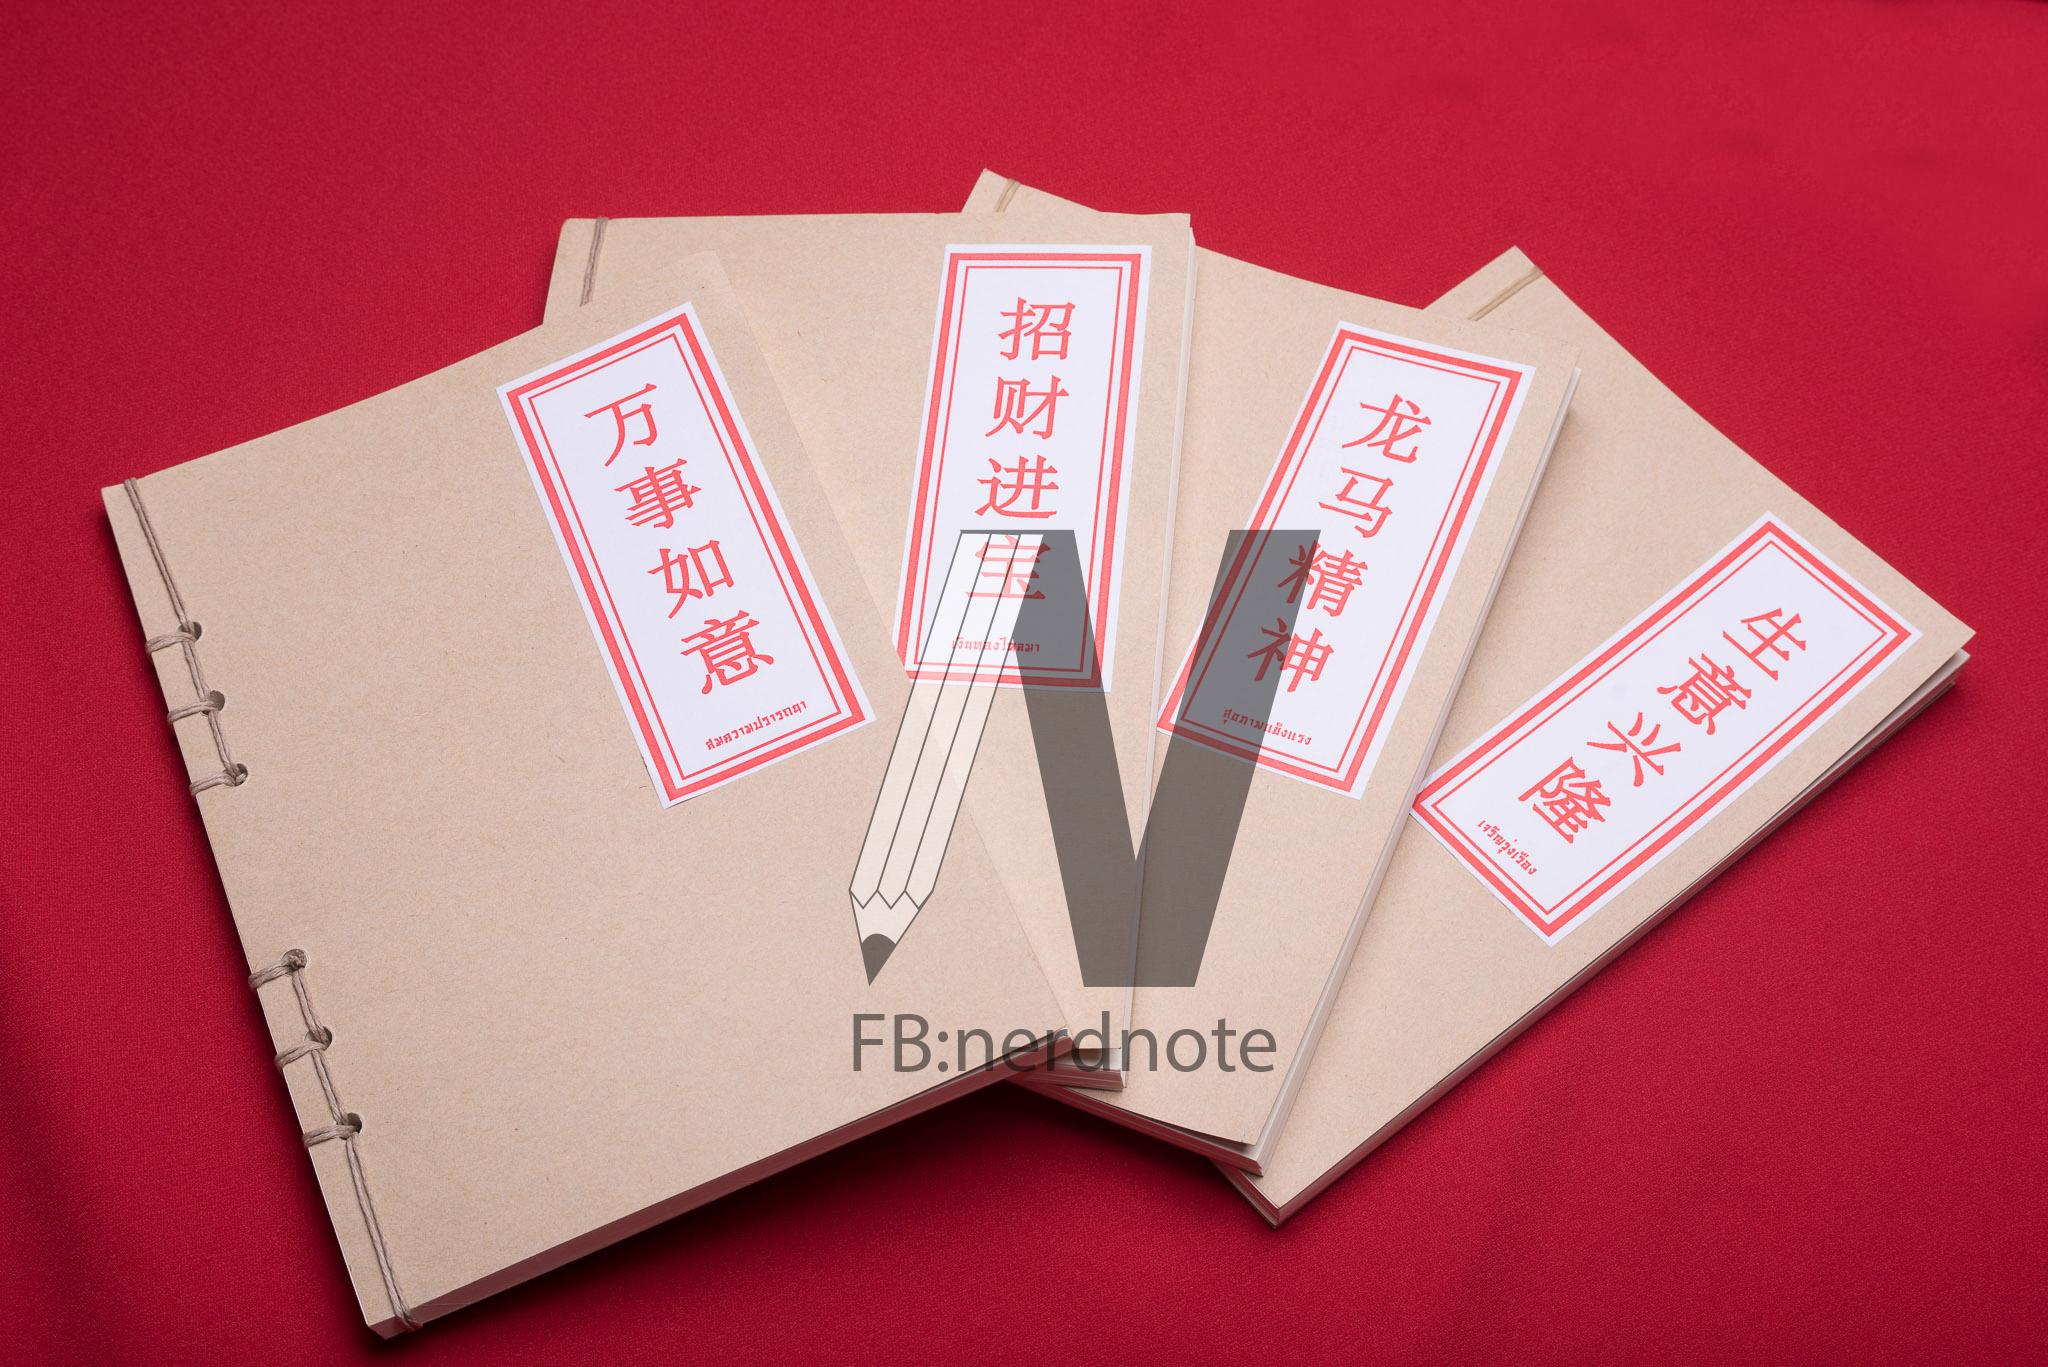 สมุดคัดจีน,สมุดกระดาษถนอมสายตา,สมุดคัมภีร์,สมุดโน๊ต,บรรจุภัณฑ์เครื่องสำอาง ราคาถูก,ถุง jewelry,ถุงใส่นาฬิกา,ถุง gift shop.ถุงใส่ขนม คุ๊กกี้,ถุง กระดาษสำเร็จรูป